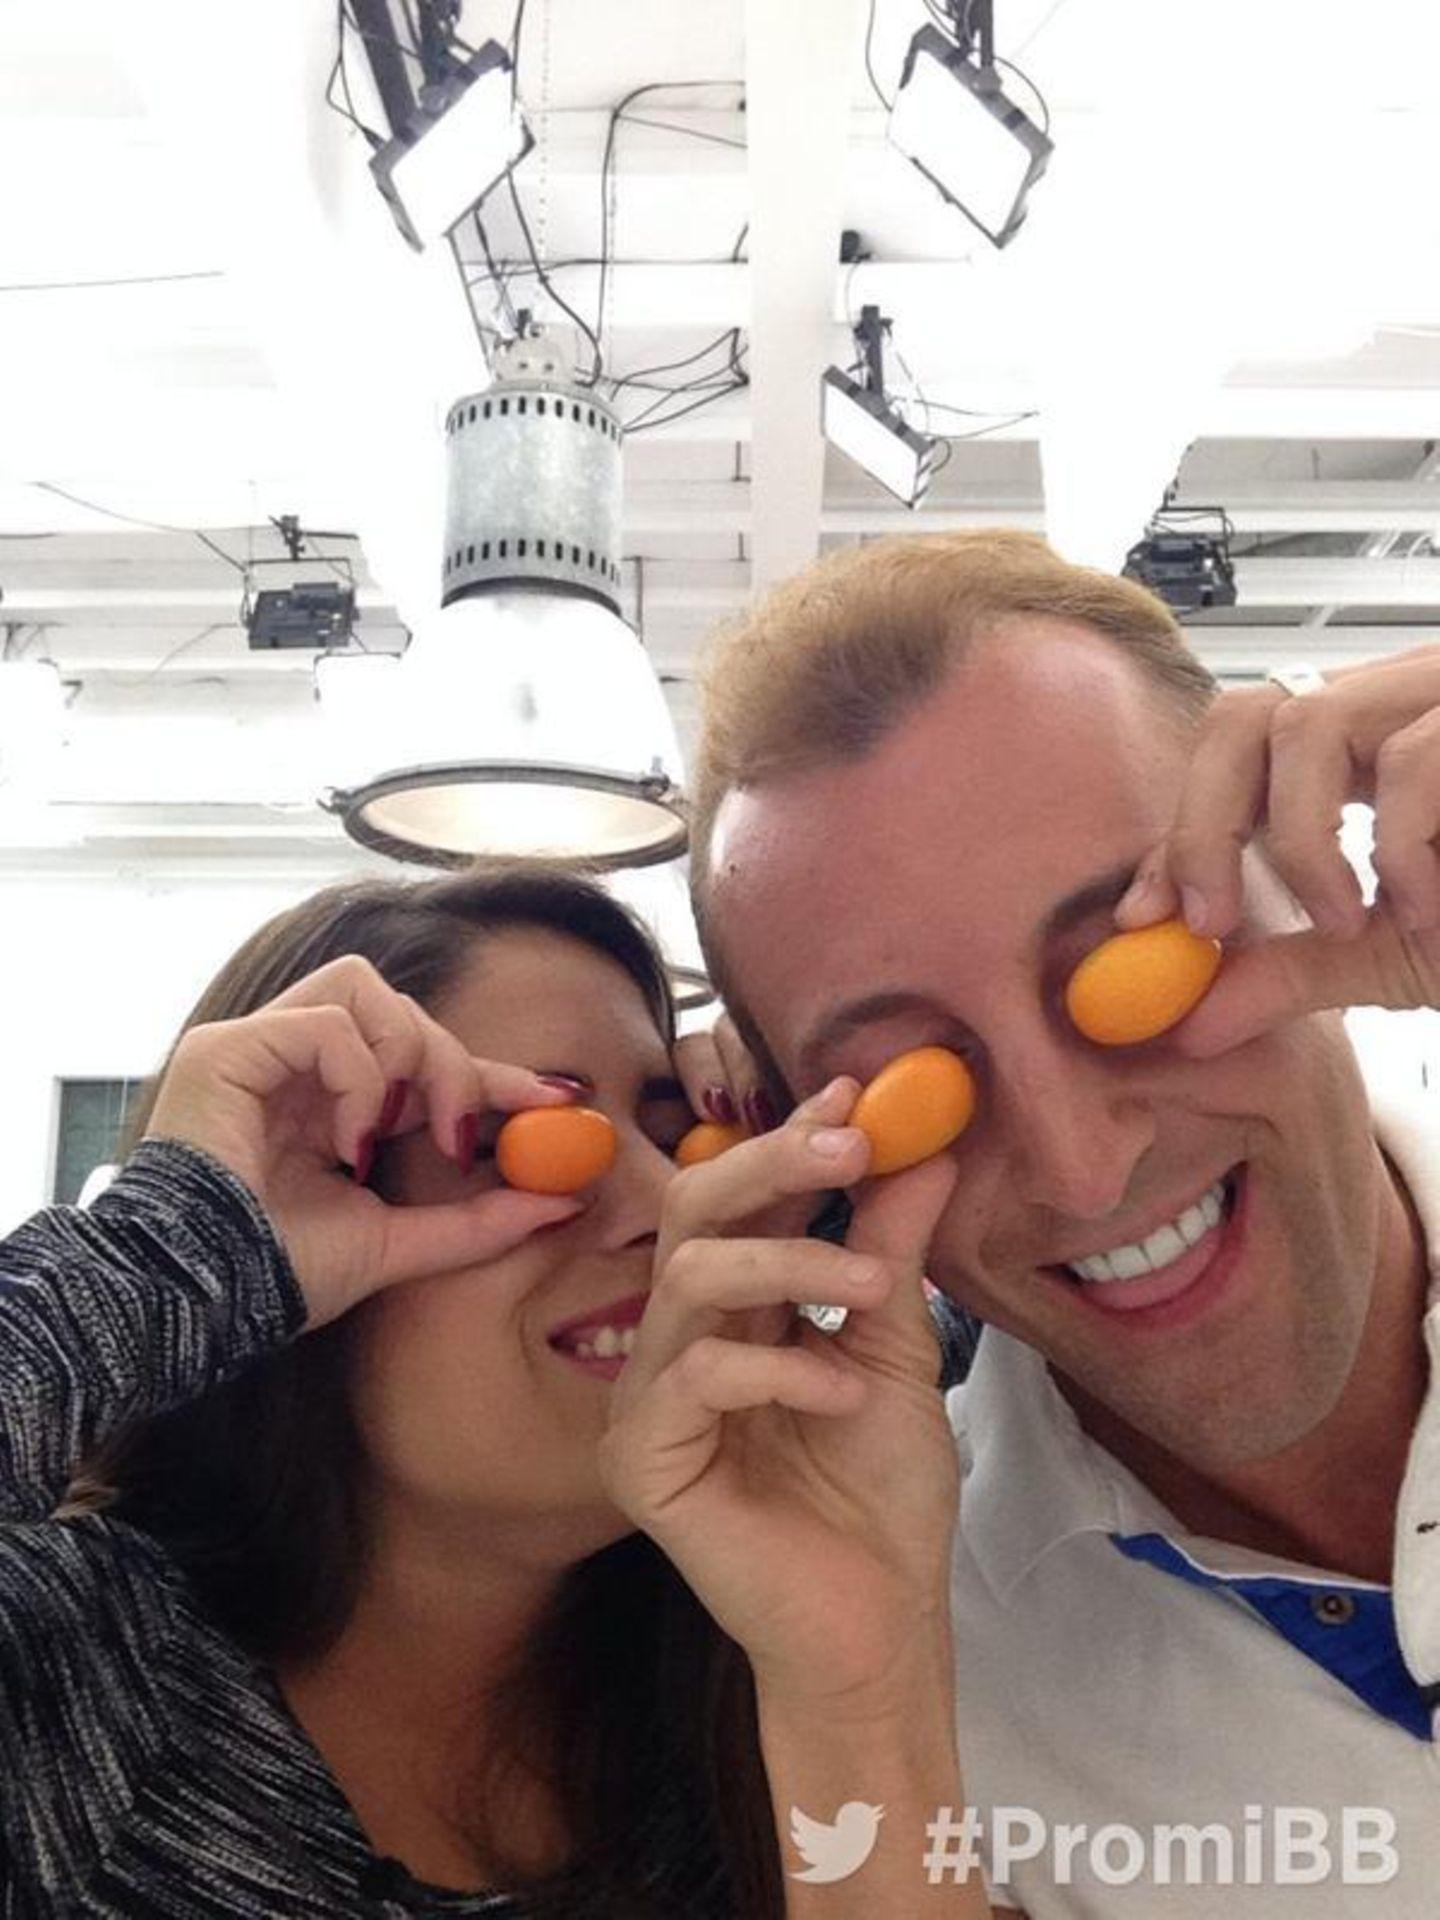 Tomaten auf den Augen? Nein, Kumquats!